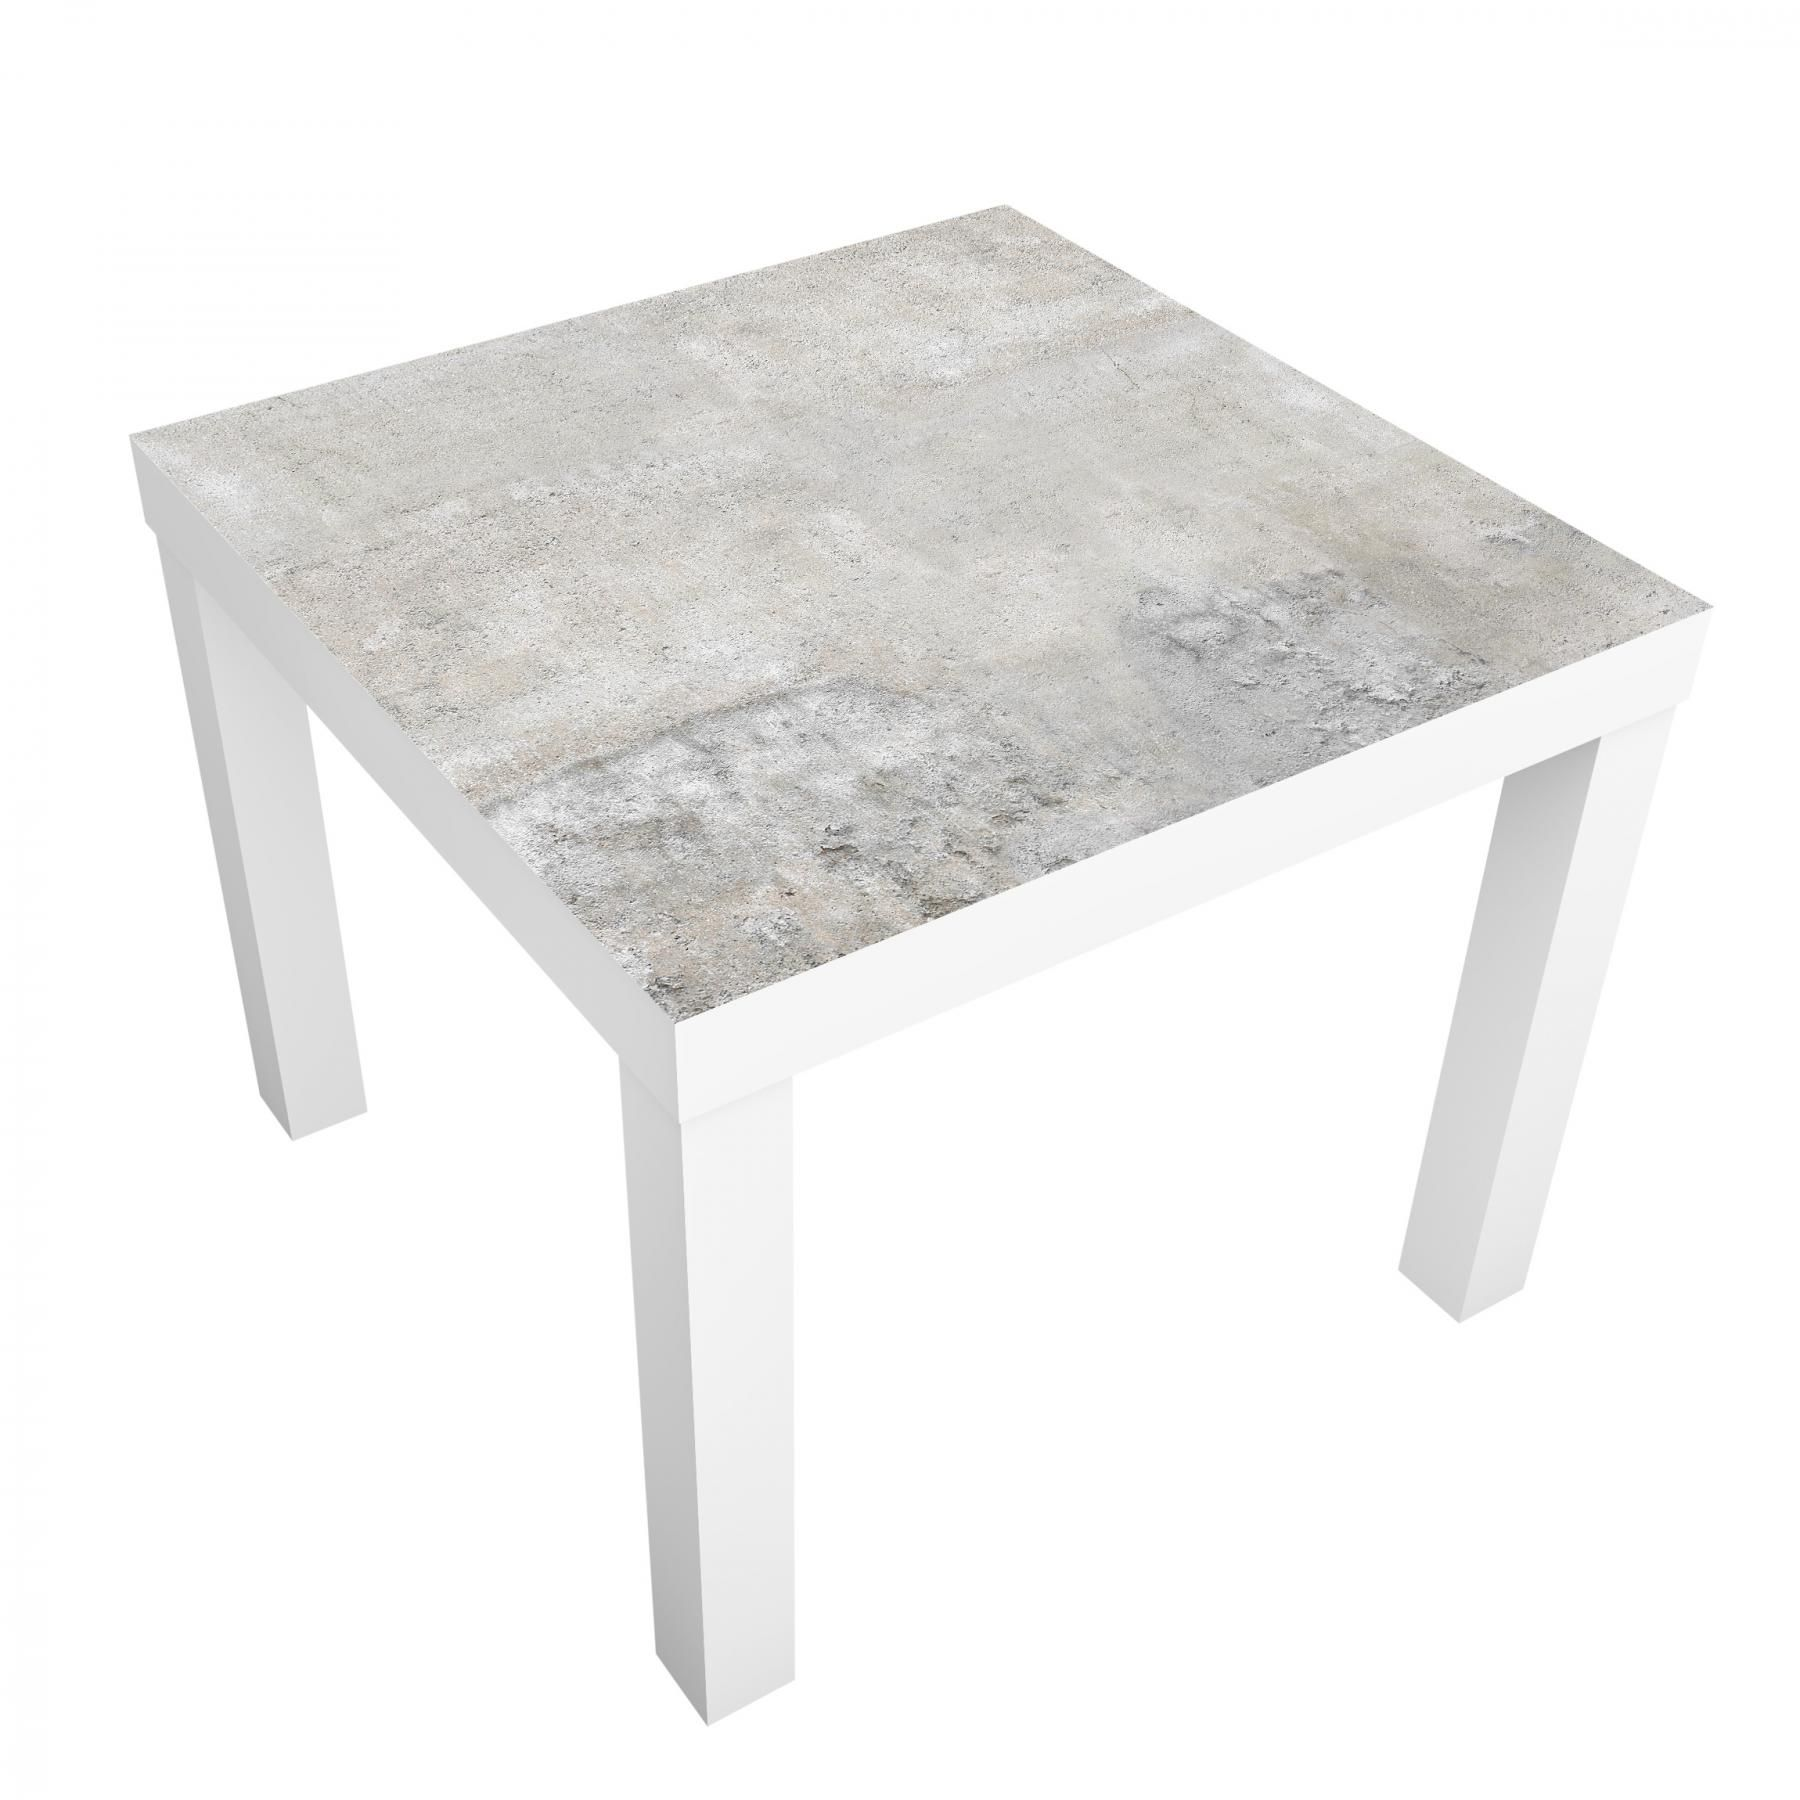 beistelltisch - shabby betonoptik - tisch grau 1